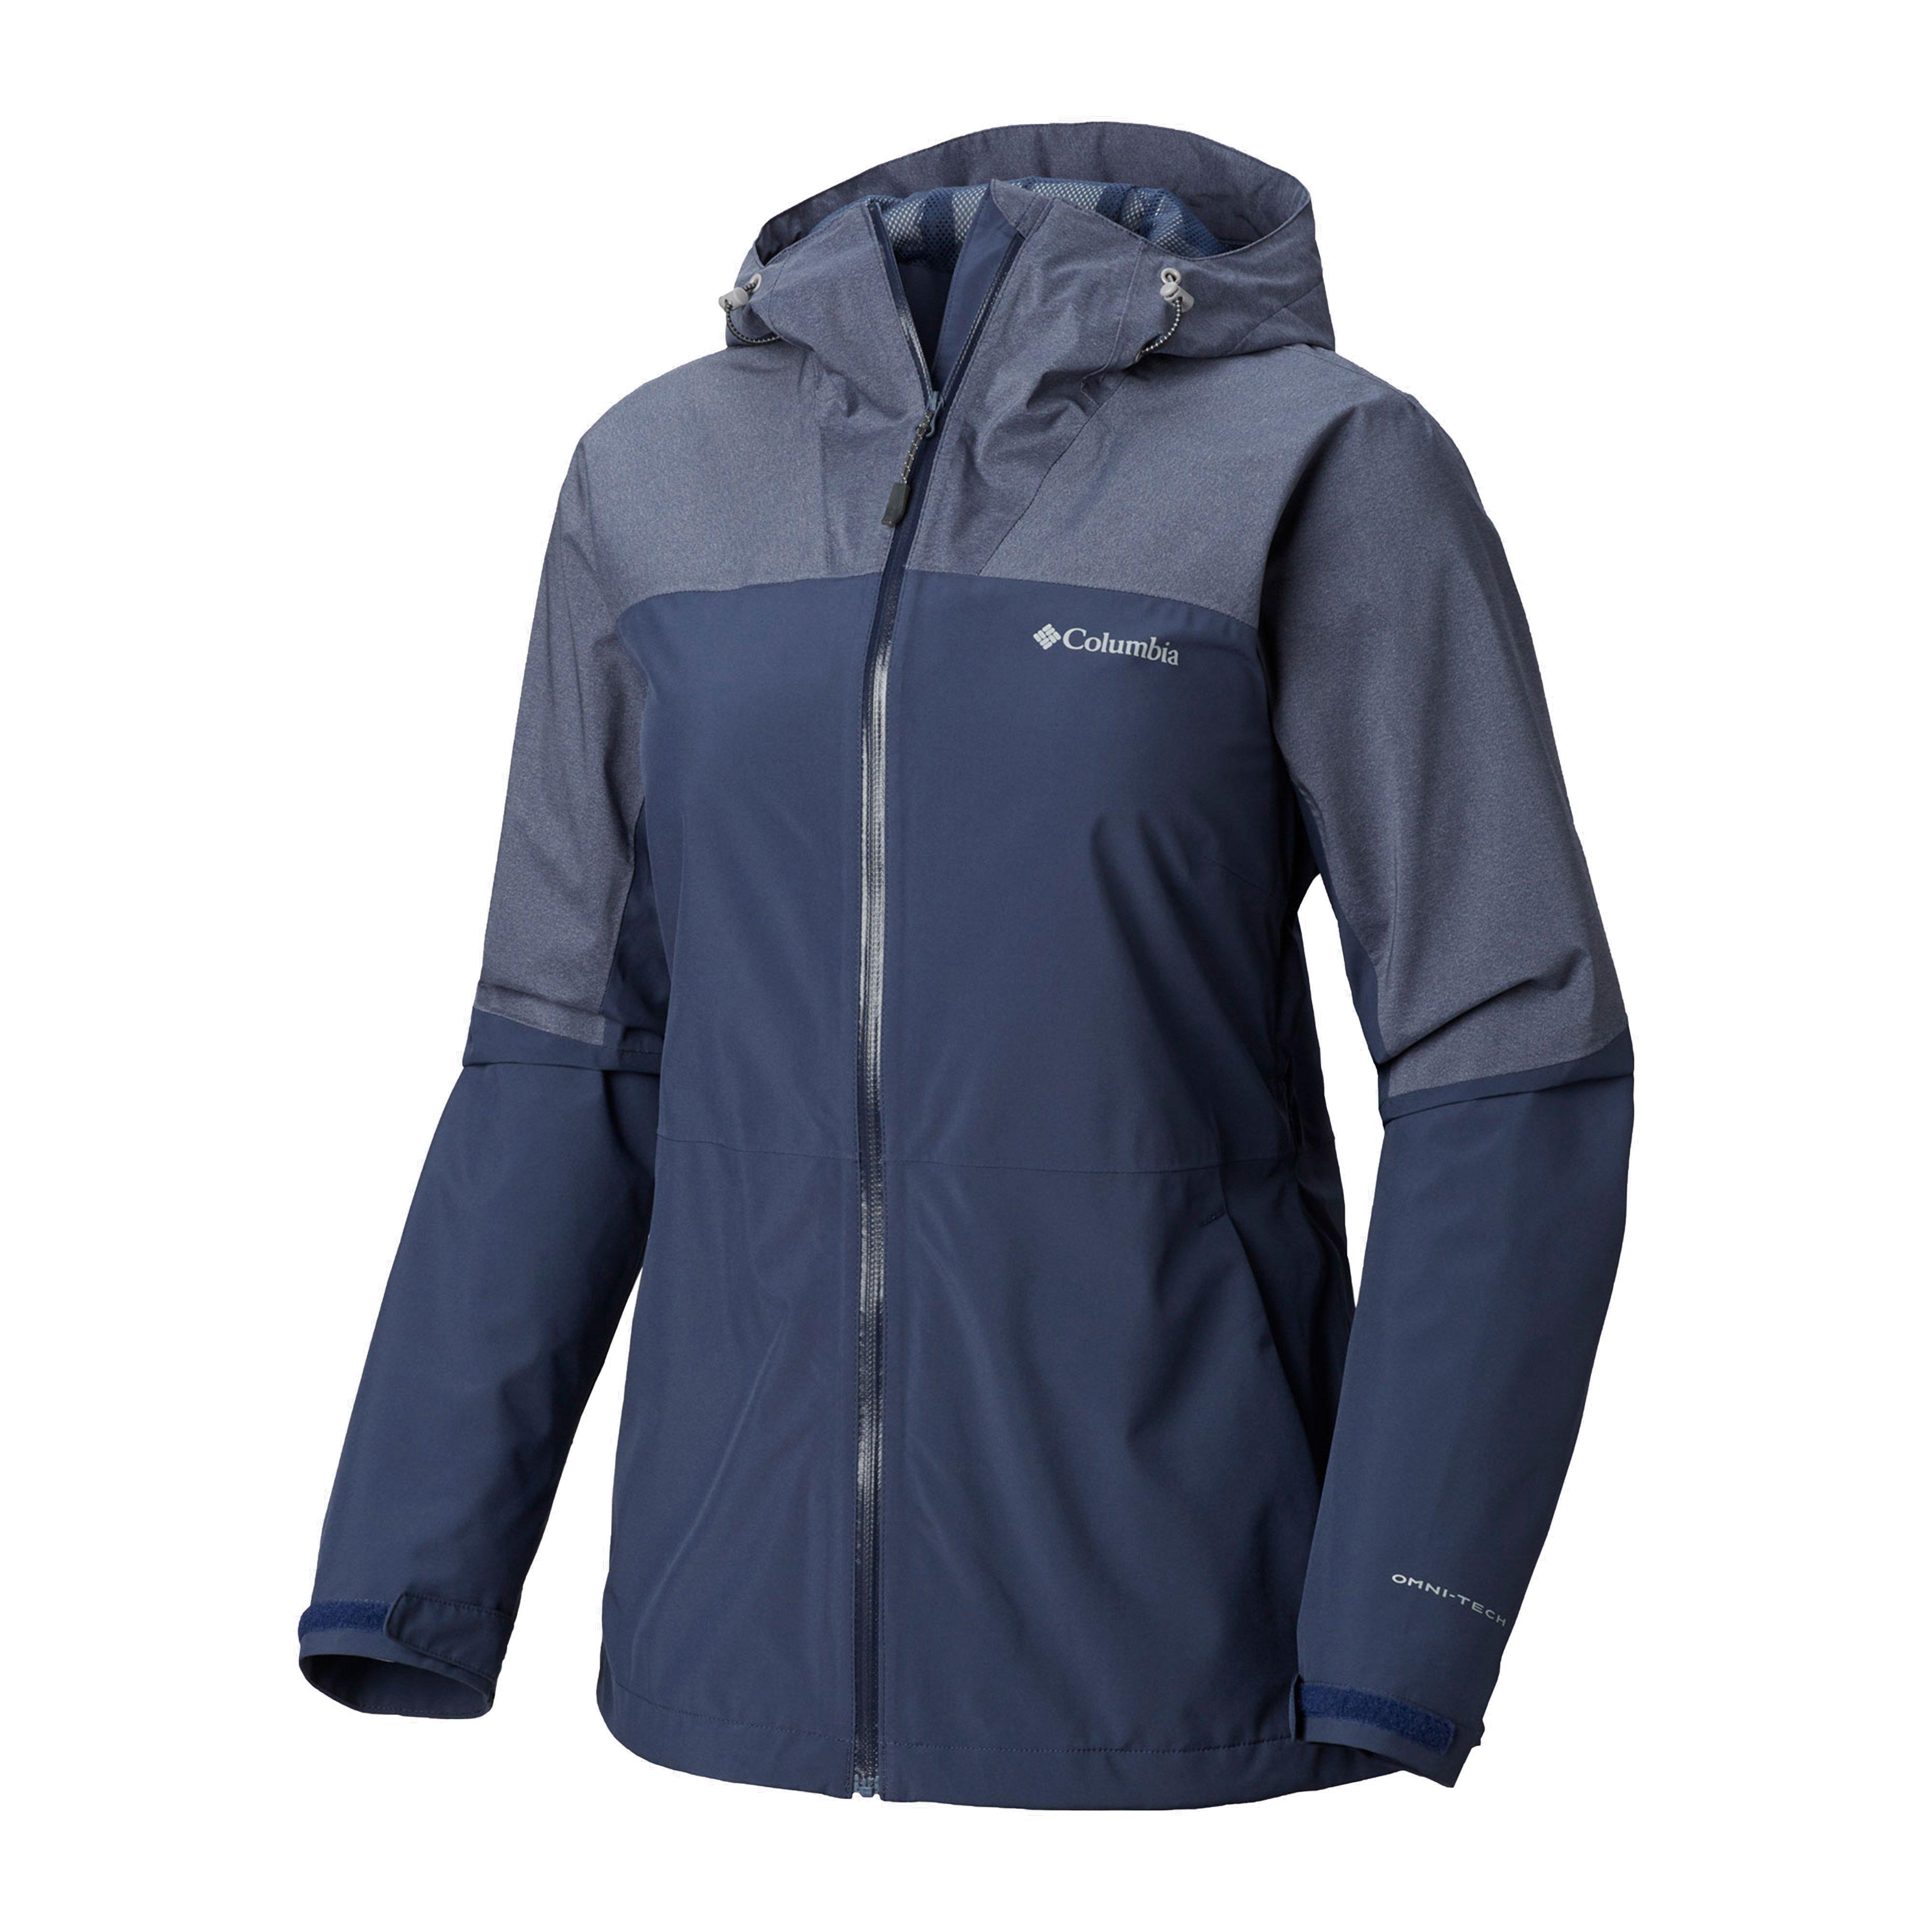 Columbia Women's Evolution Valley II Waterproof Jacket